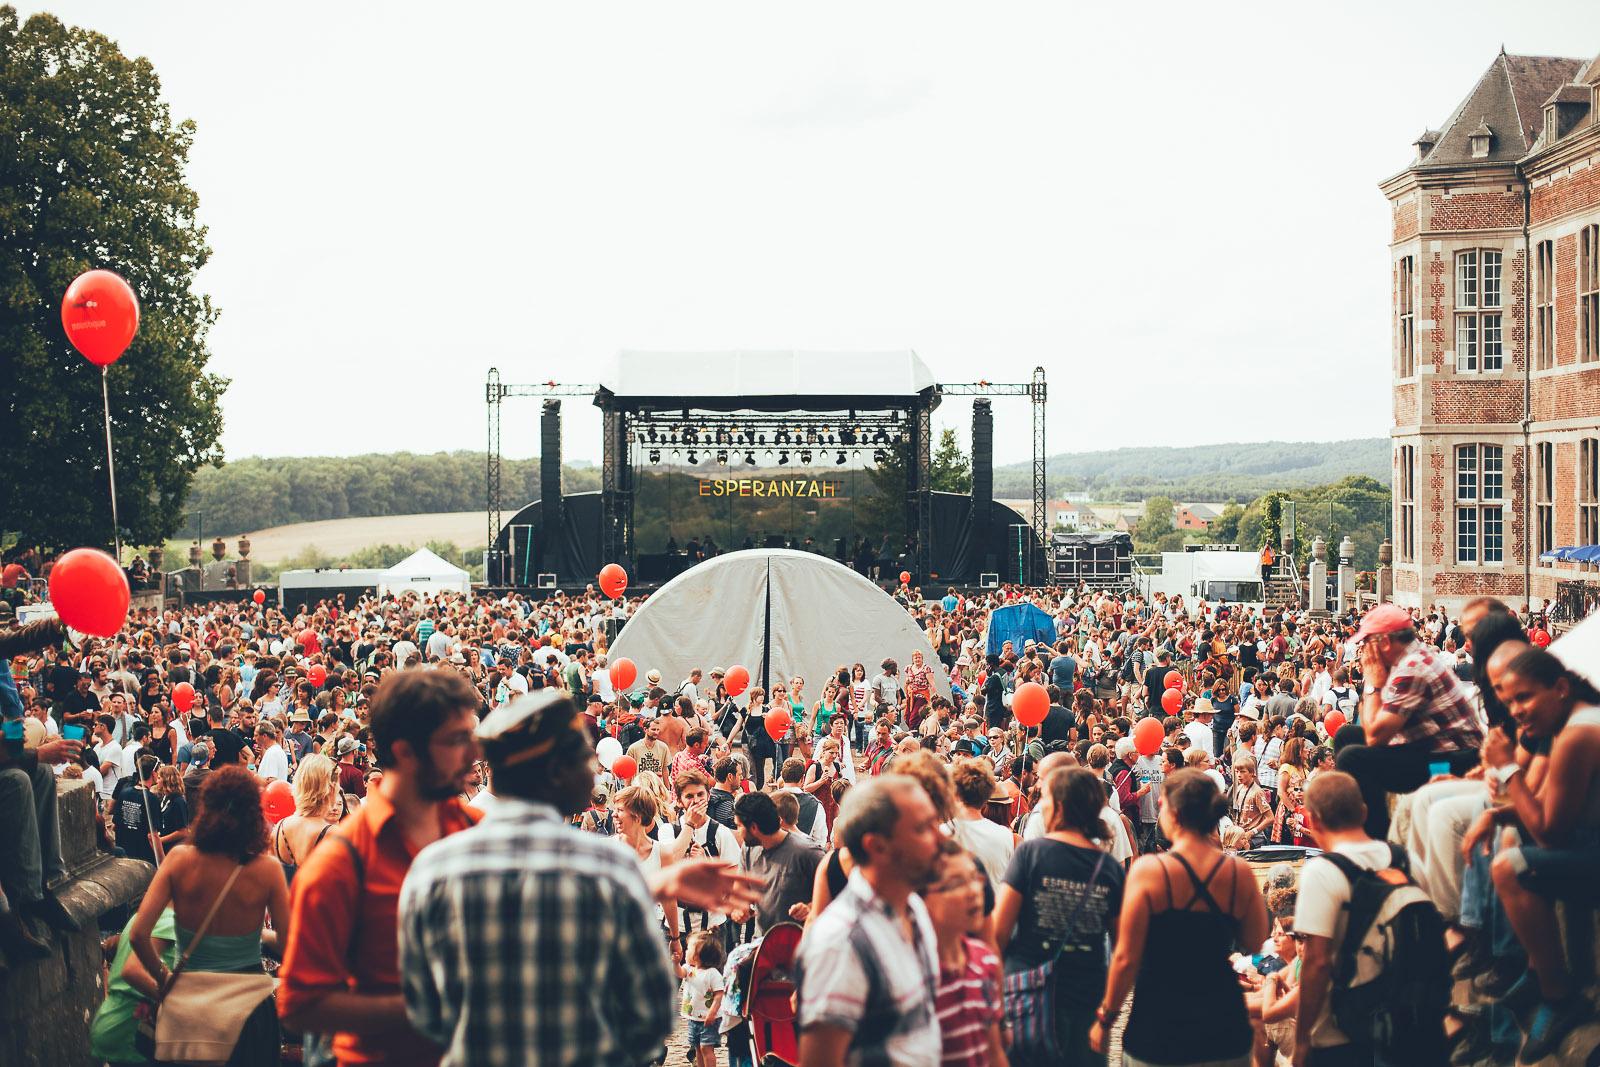 Martin-Ellis-music-festival